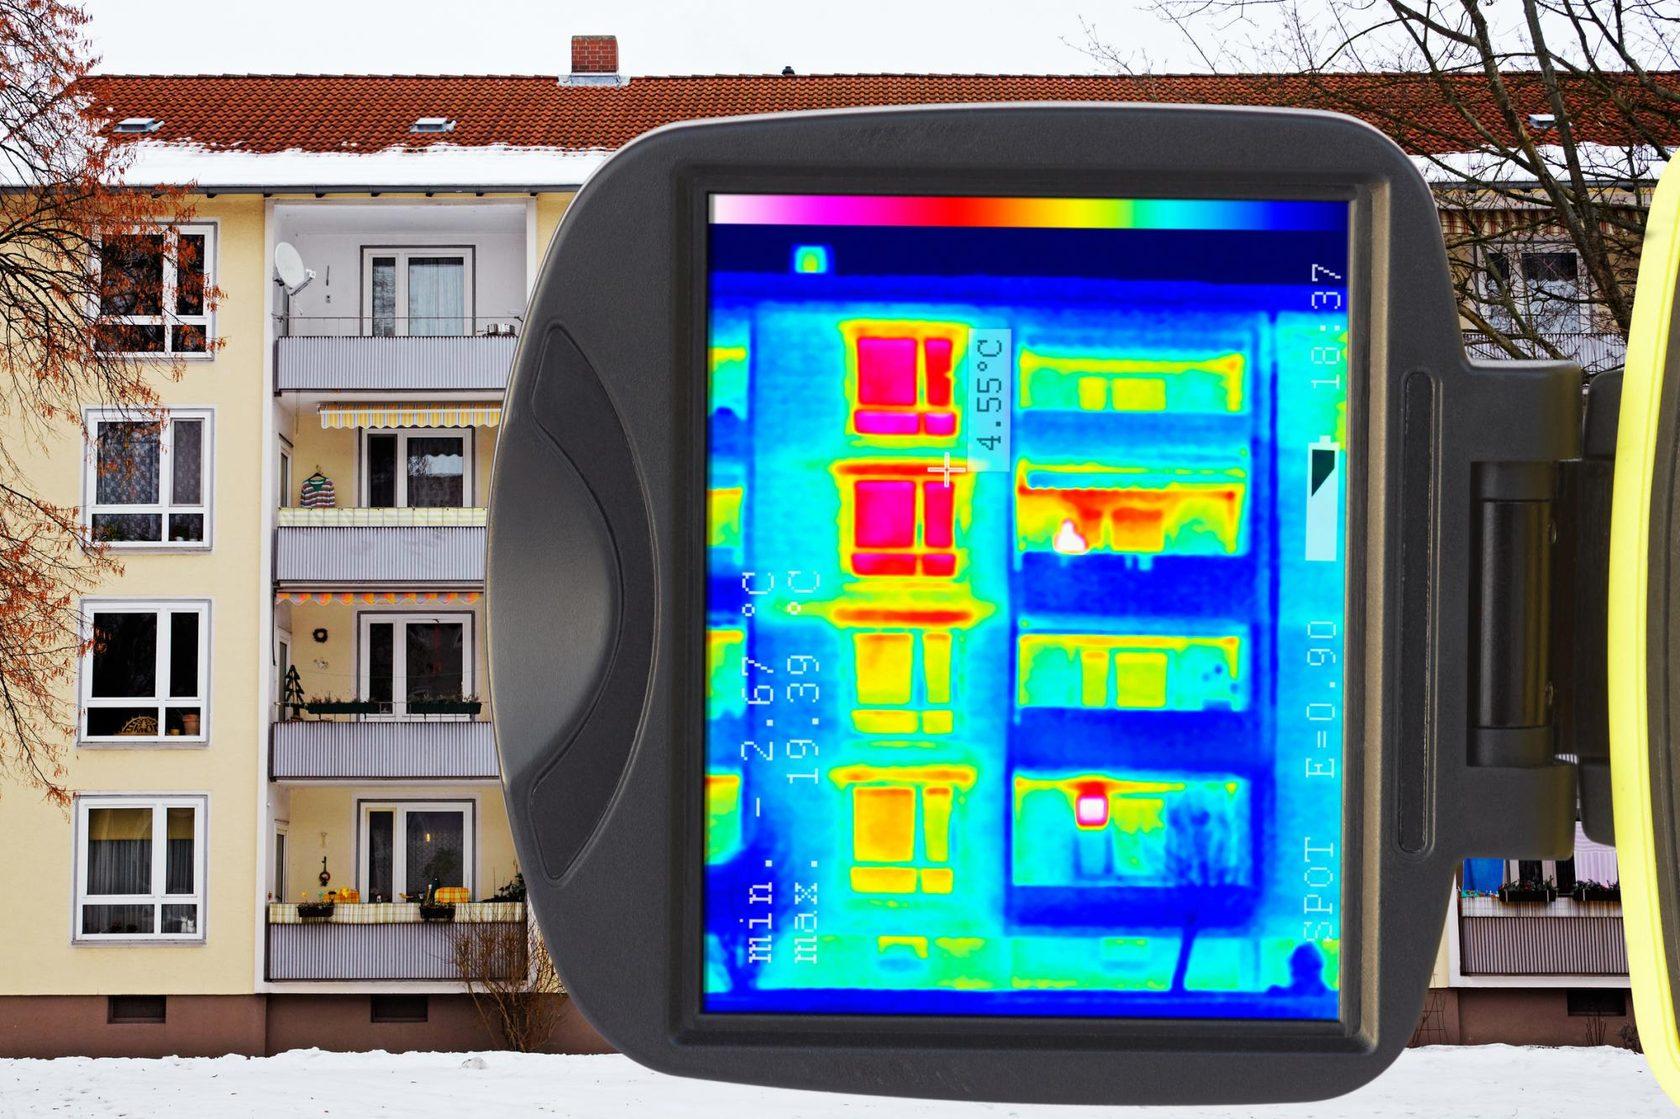 Обследование дома тепловизором: проведение тепловизионного анализа